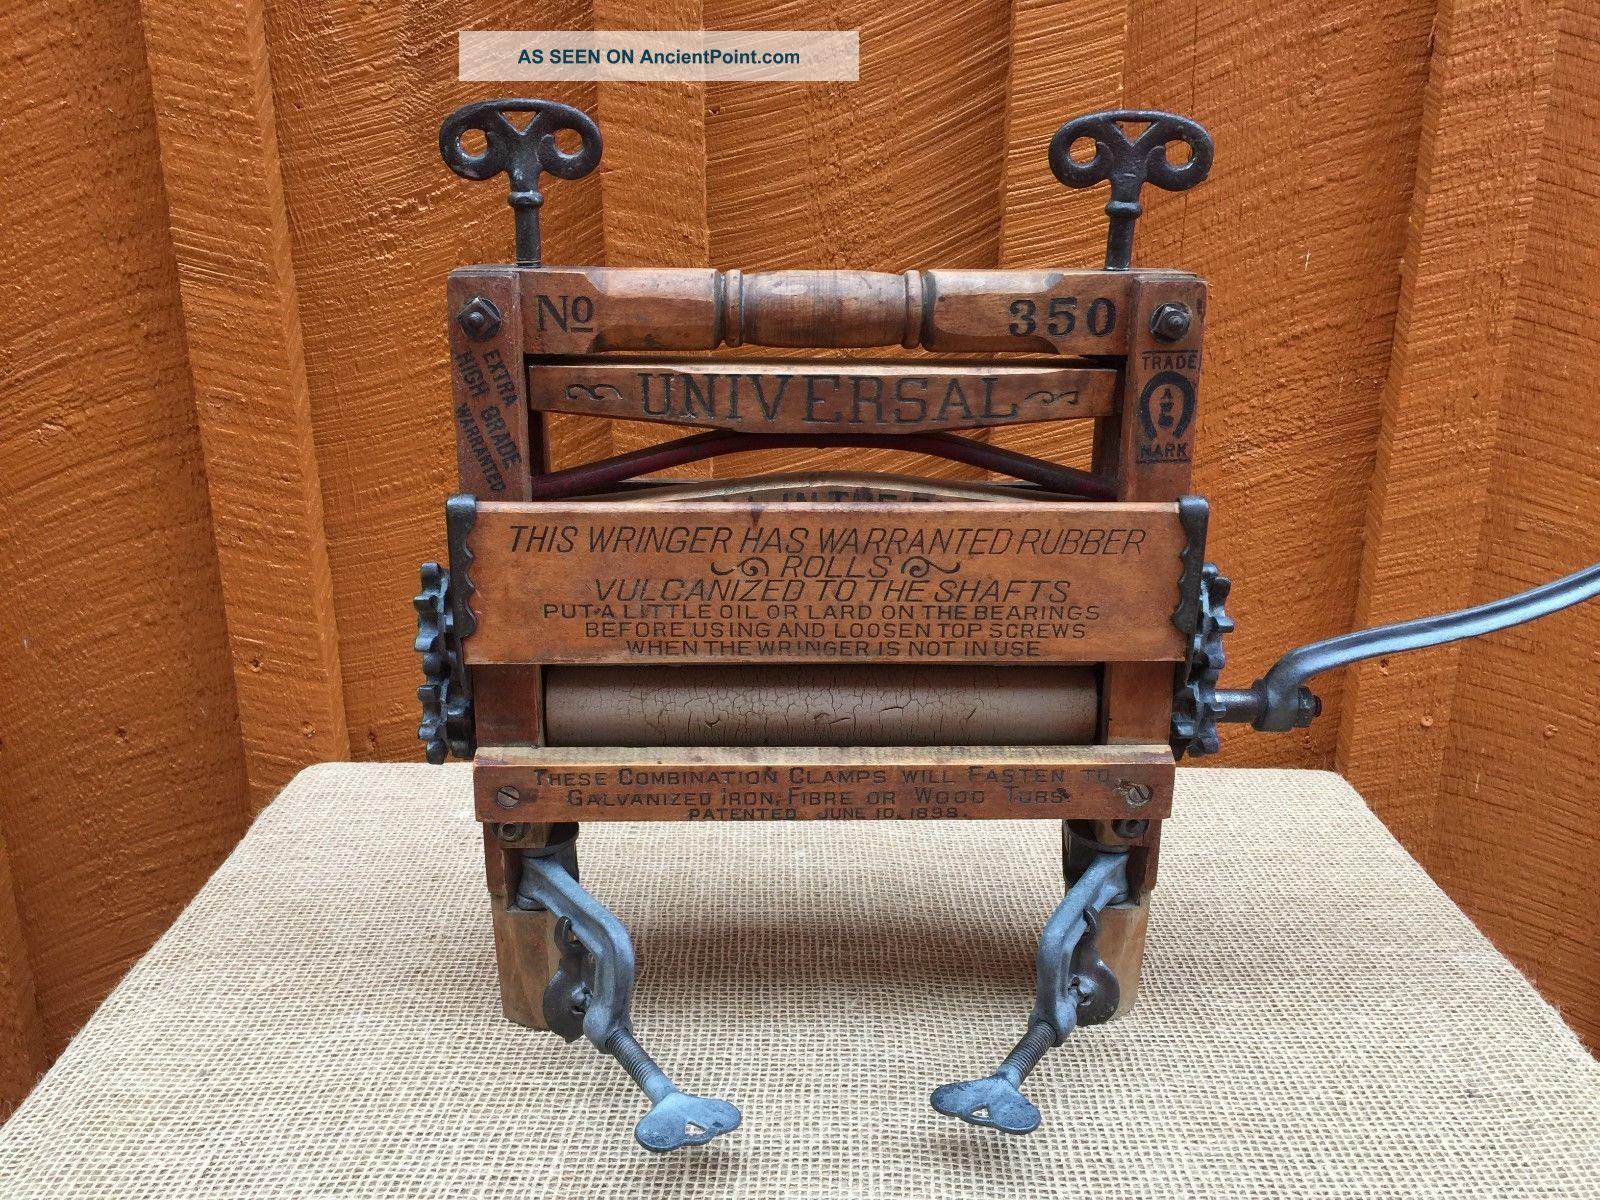 Primitive Wooden Universal Washer Wringer No.  350 Horseshoe Brand Clothing Wringers photo